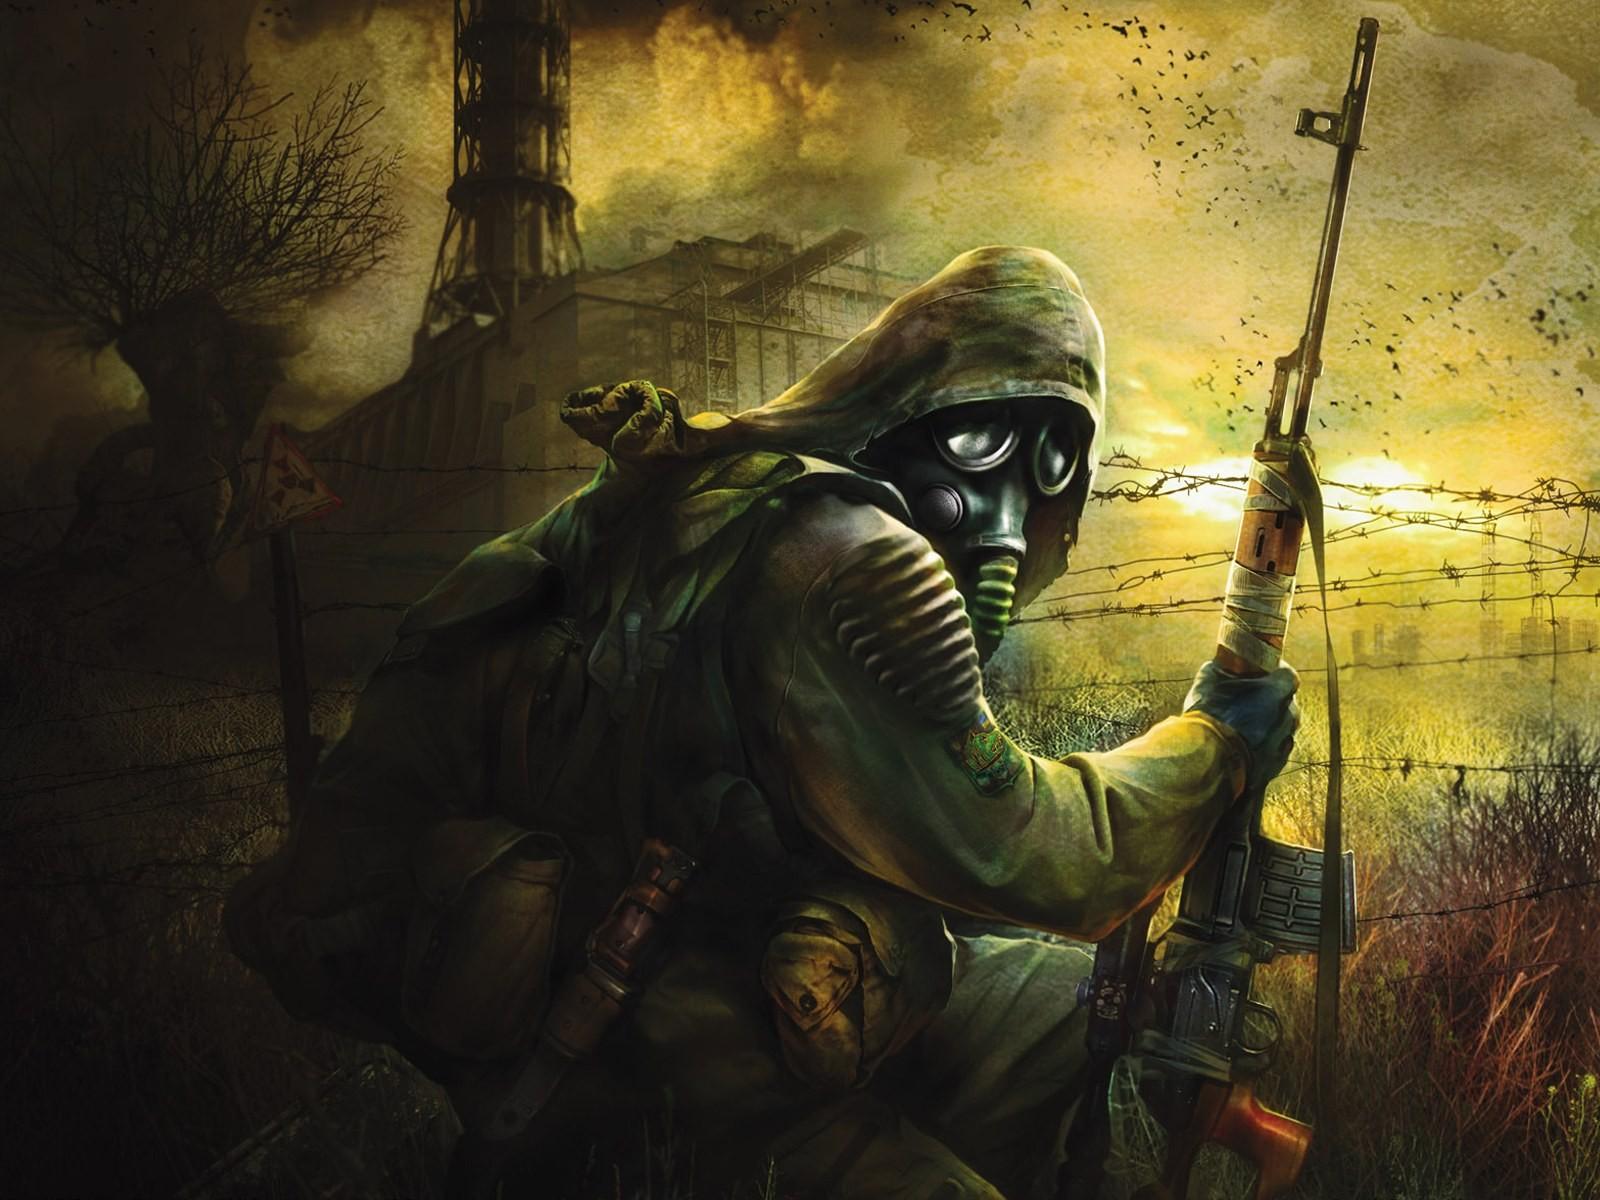 Это Тень Чернобыля Чистое Нeбо Зов Припяти. Игра имеет